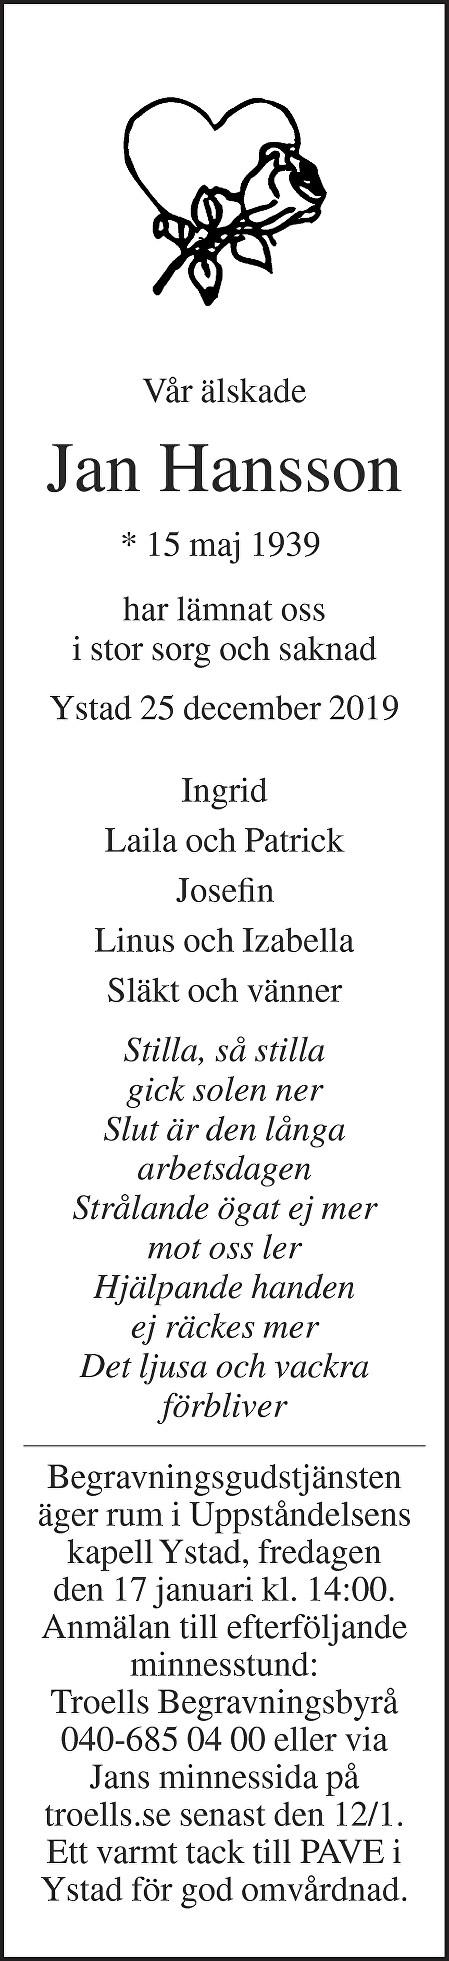 Jan Hansson Death notice